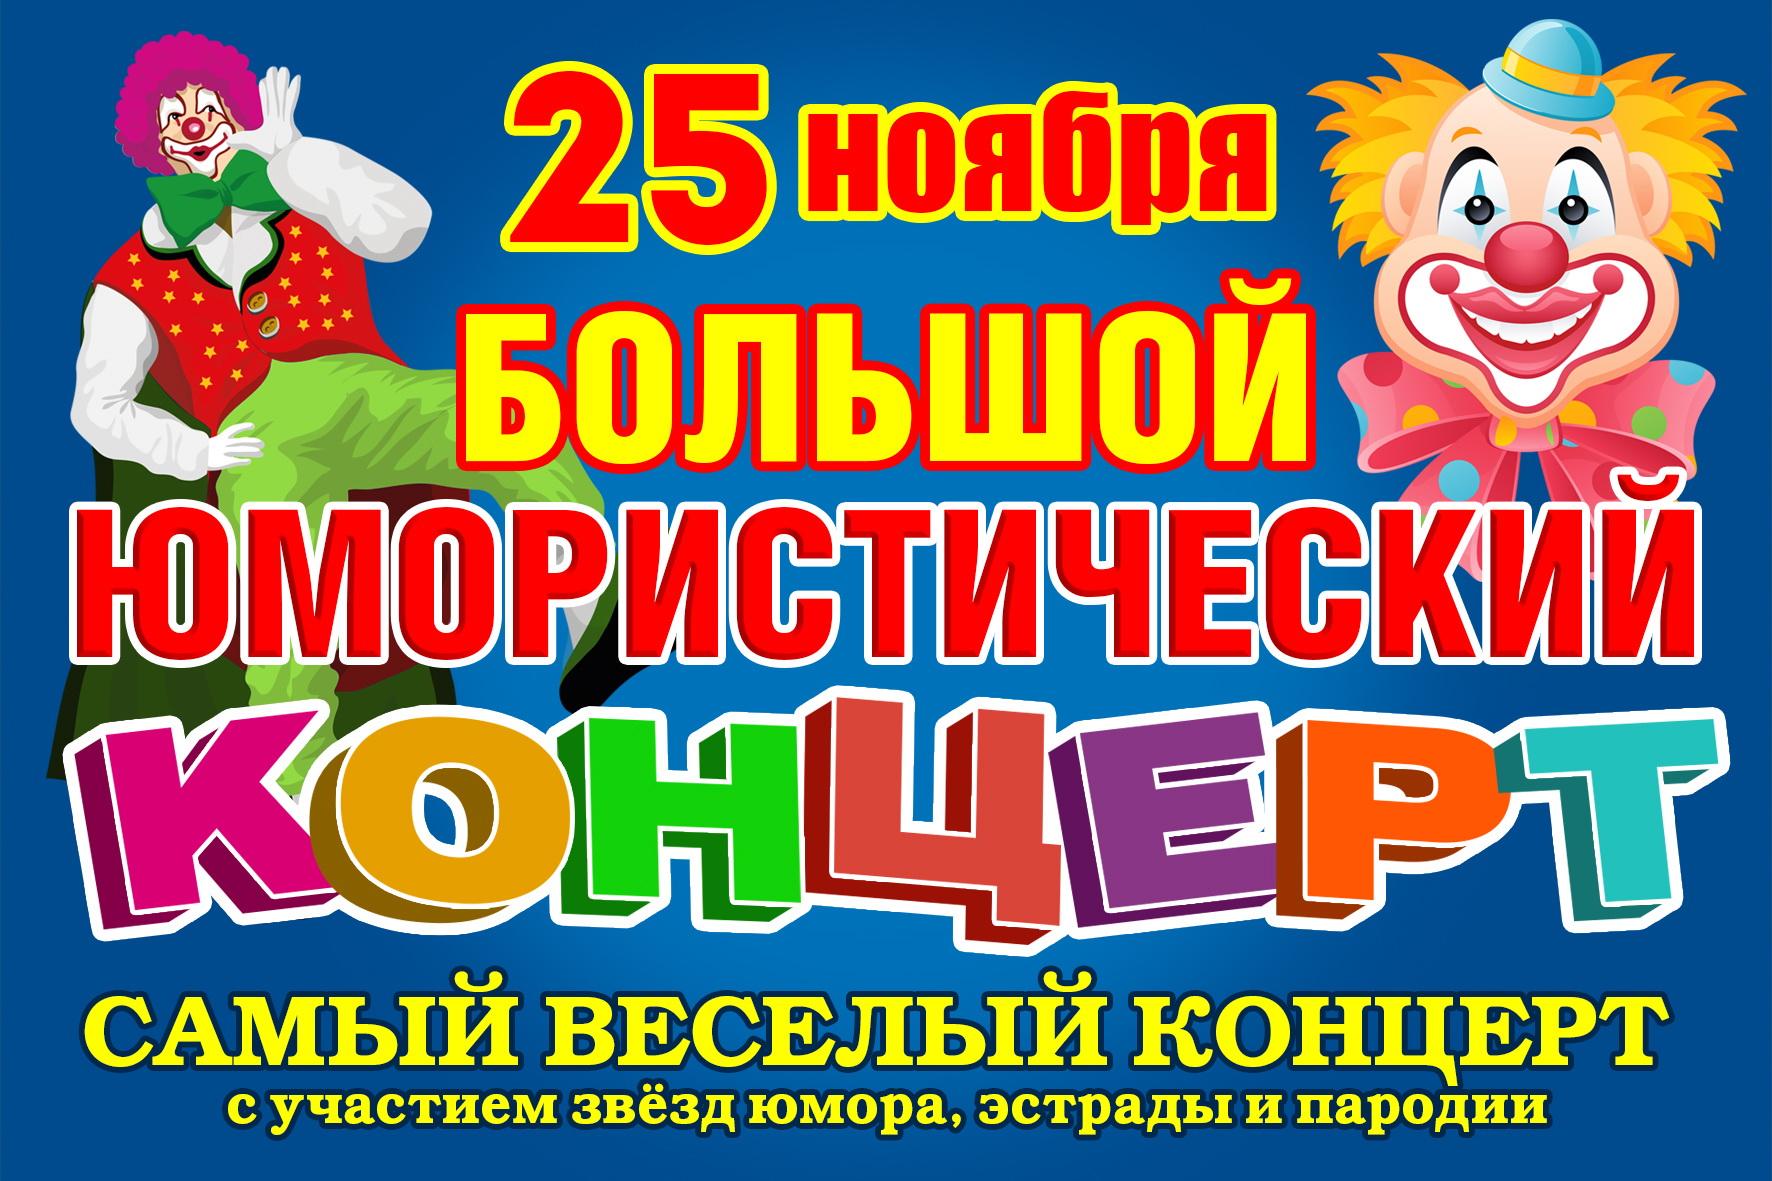 Купить билеты на Большоей юмористический концерт